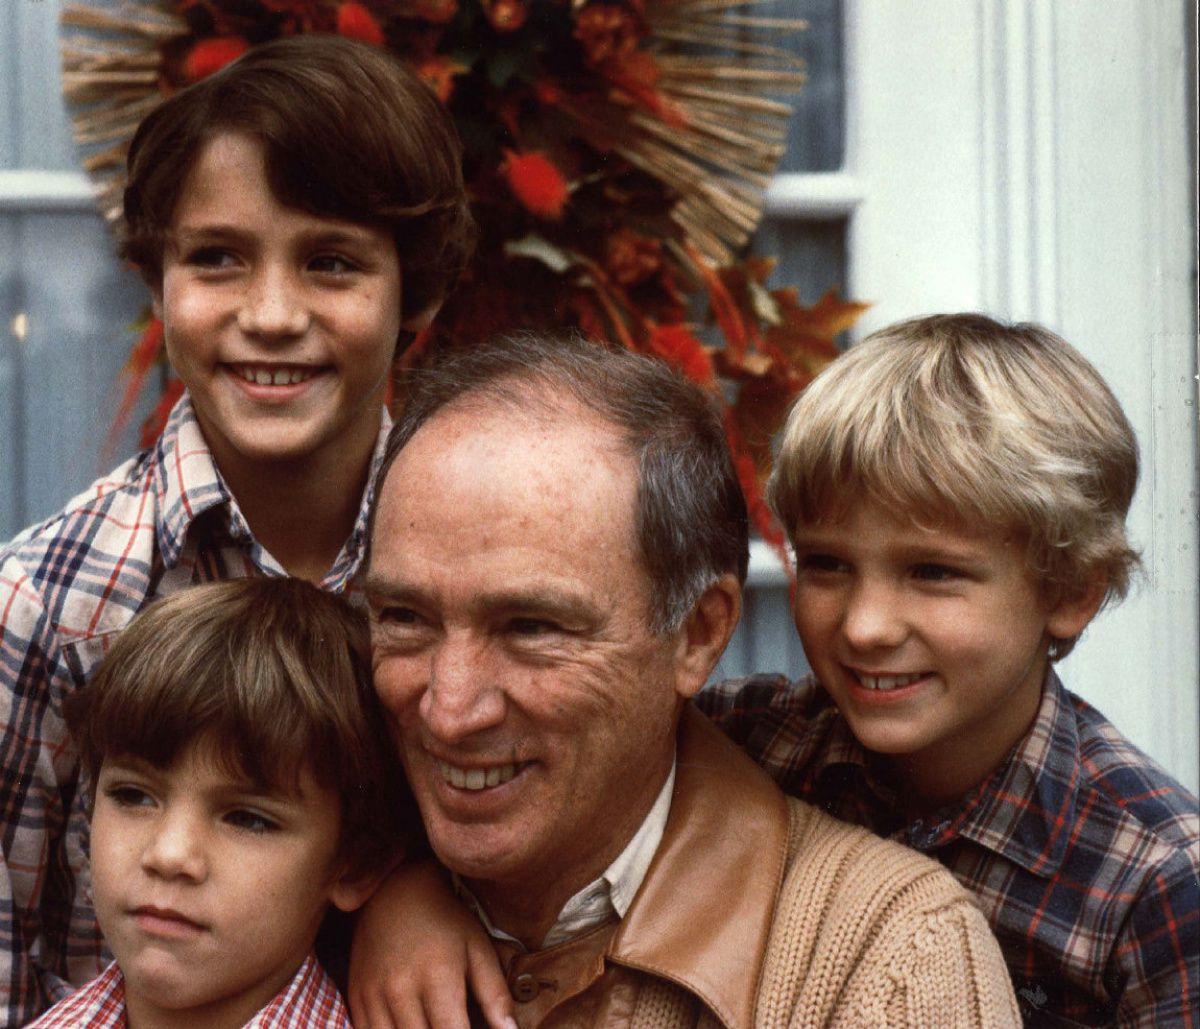 Từng khiến chị em phát cuồng vì thay vợ dọn nhà cửa và chăm 3 con, Thủ tướng Canada giờ gây sốt với loạt ảnh hồi trẻ đẹp tựa nam thần - Ảnh 2.